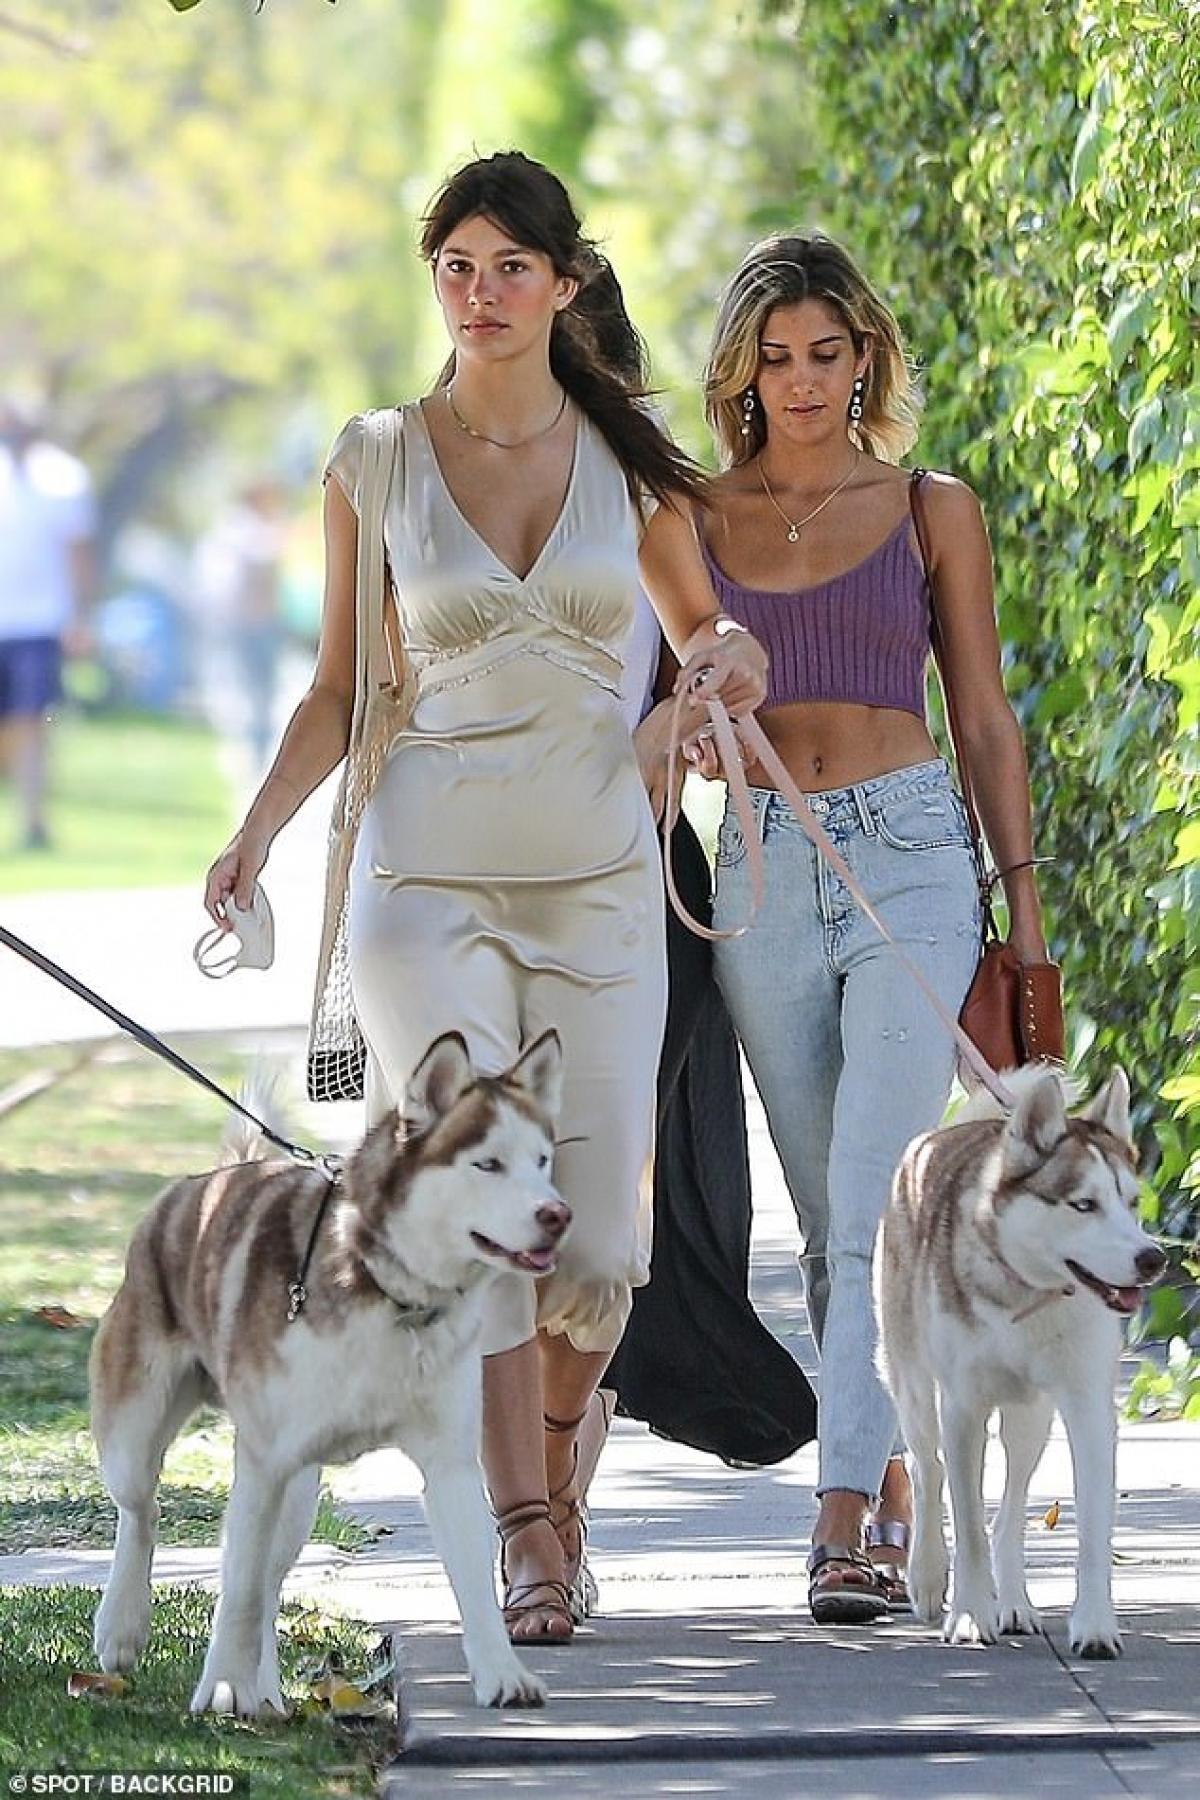 Mới đây, Camila Morrone vui vẻ dắt thú cưng đi dạo phố ở Los Angeles cùng một người bạn thân.